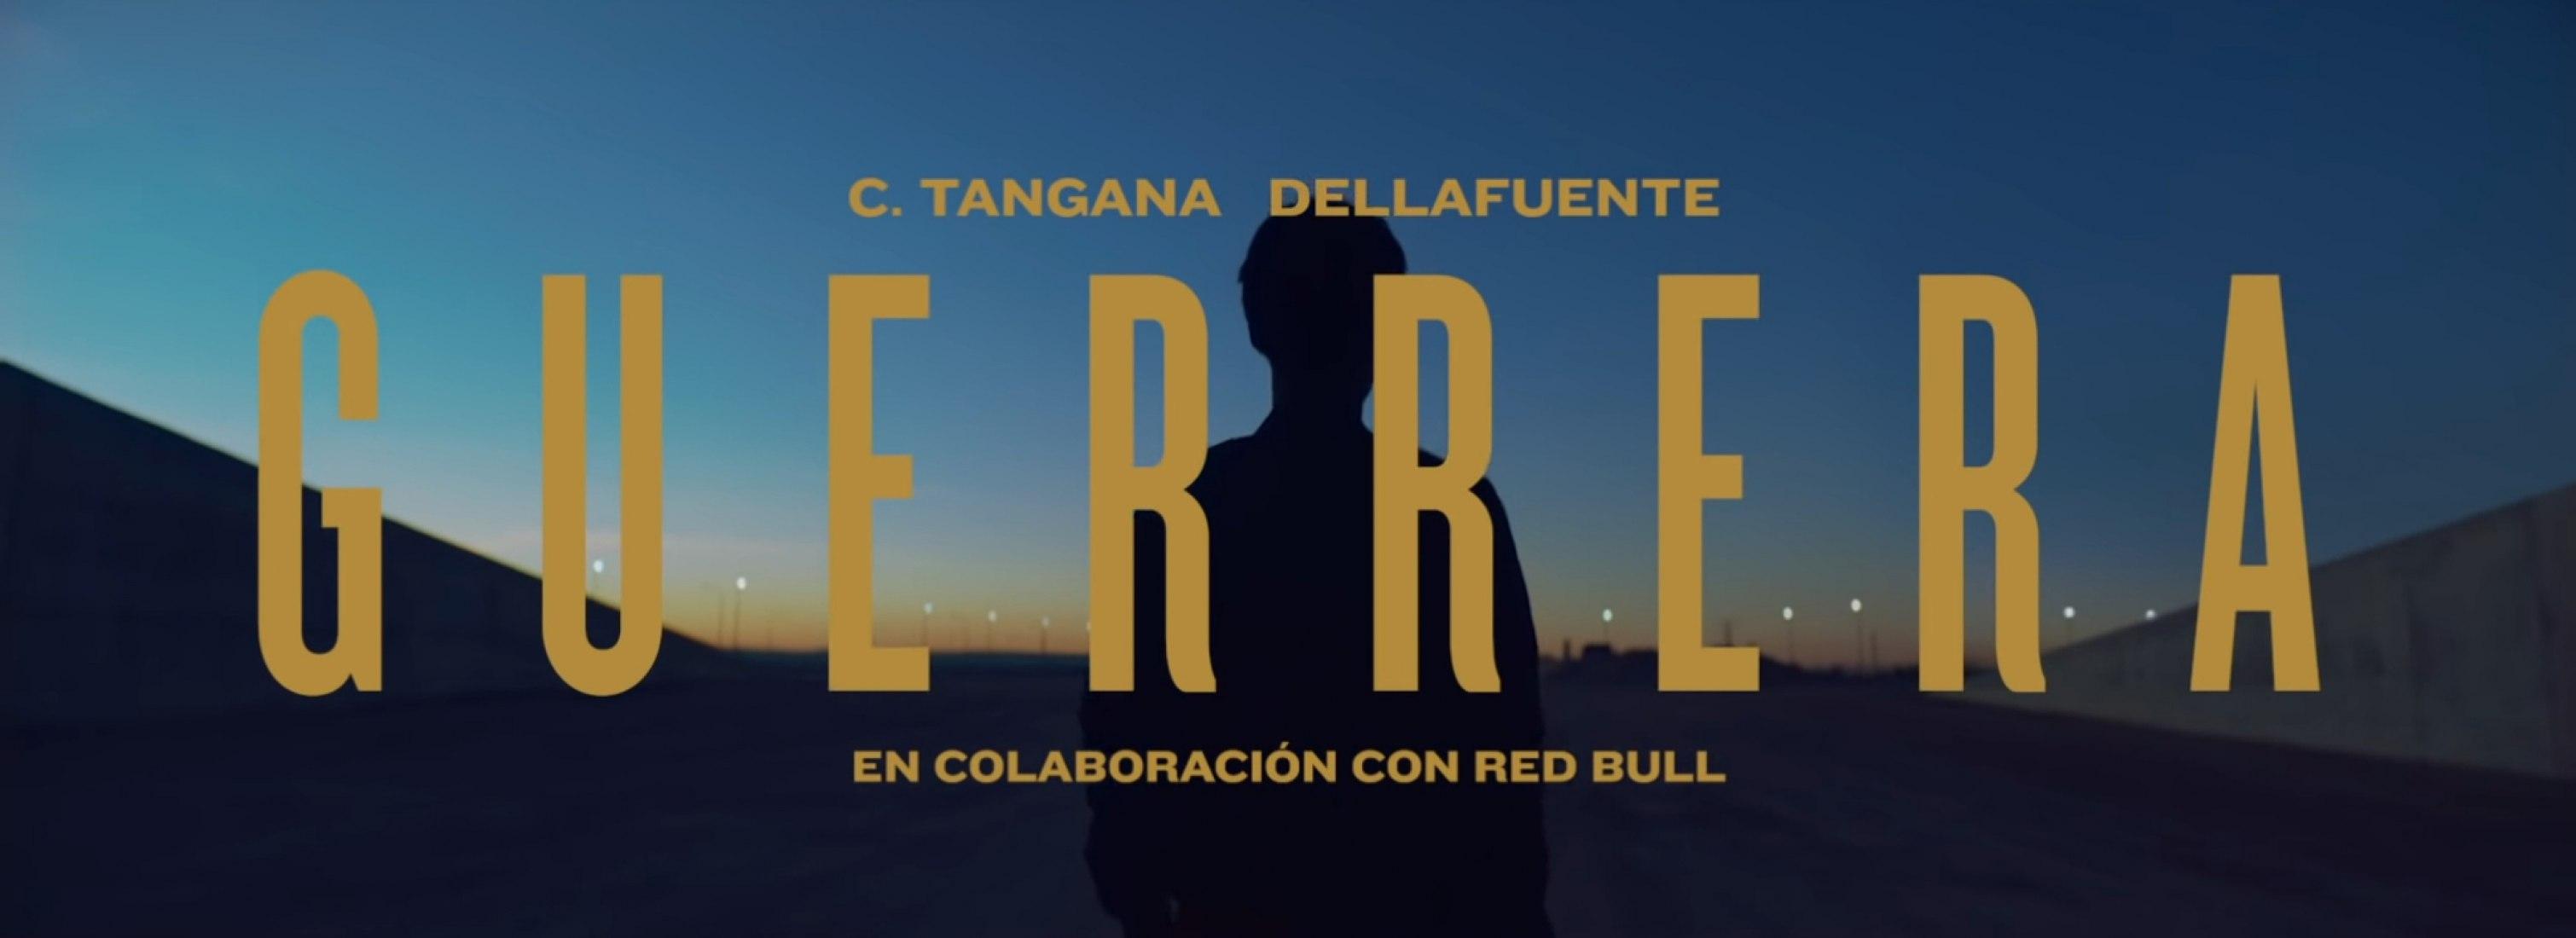 Guerrera by C. Tangana and Dellafuente